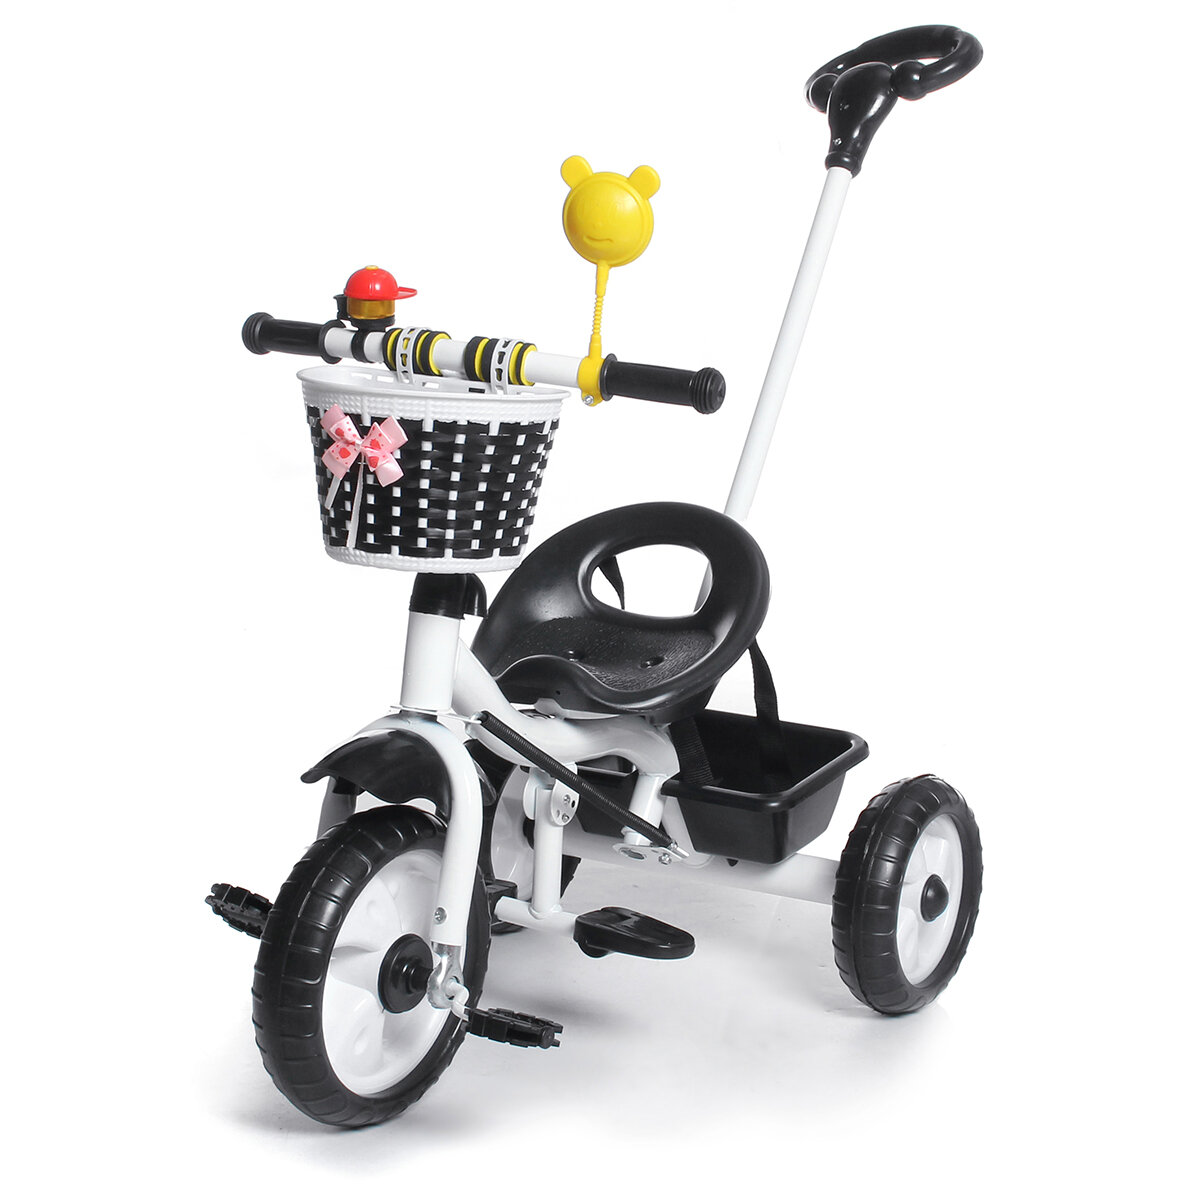 3 عجلات مع دواسة ثلاثية العجلات للأطفال